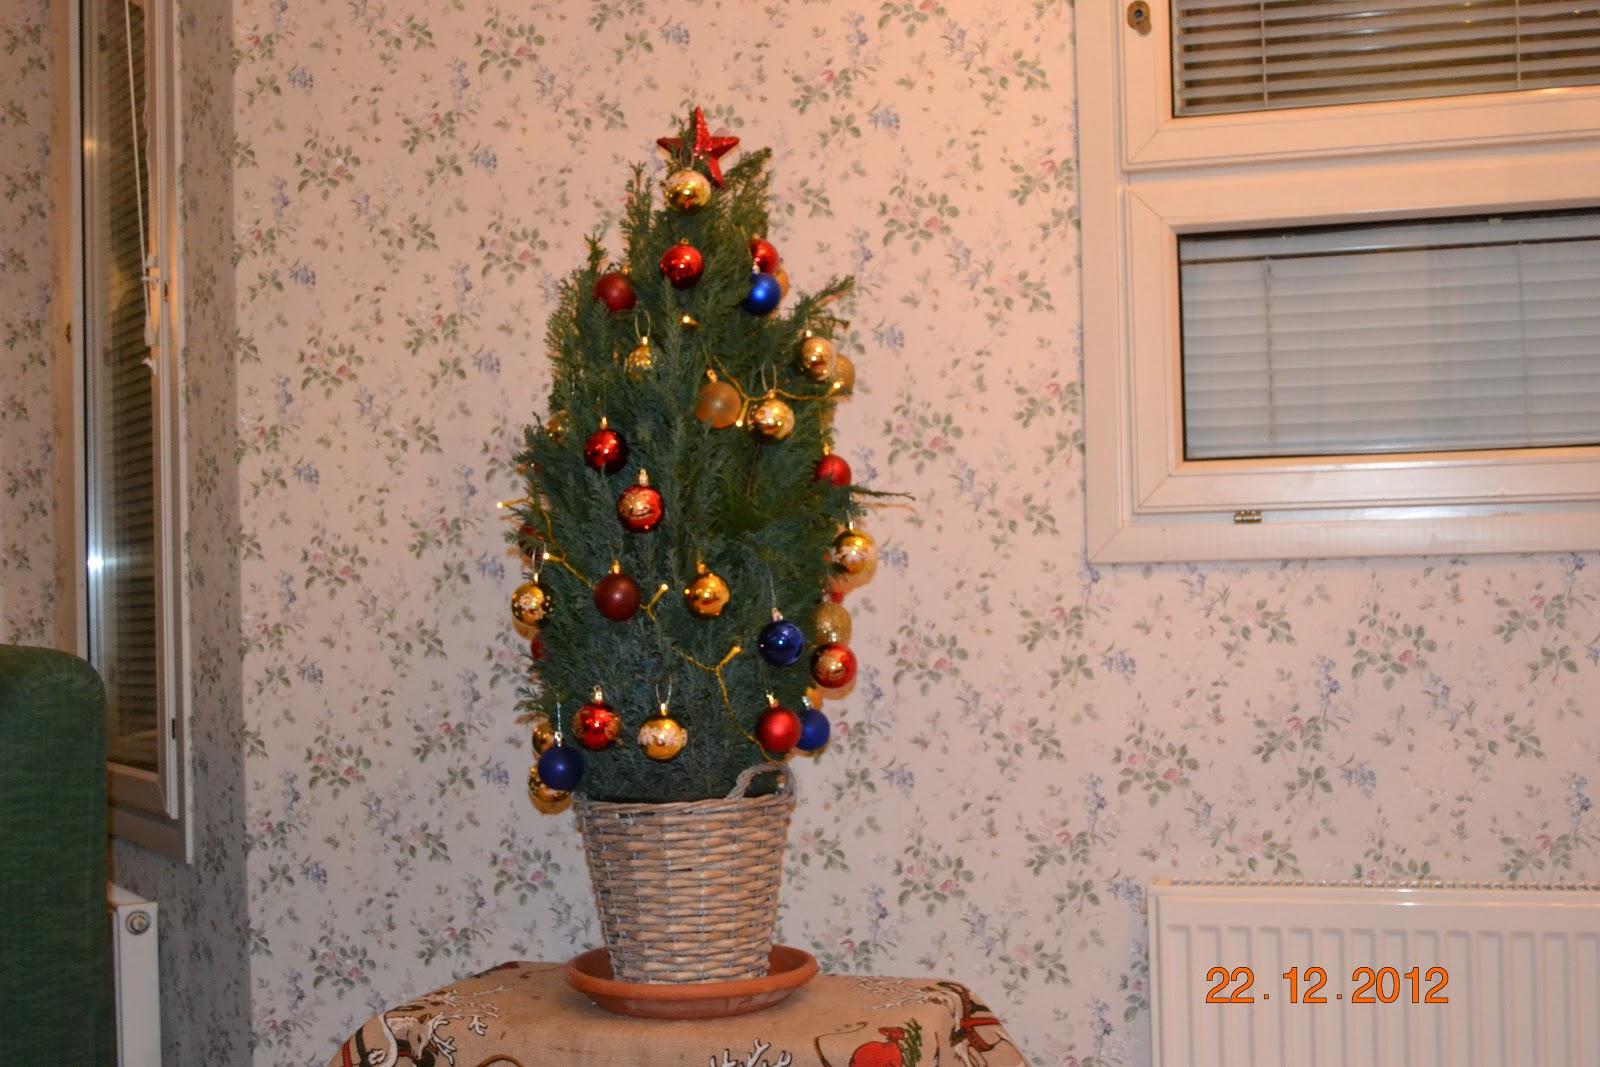 Joulu Itä-Suomessa – Christmas in Eastern Finland